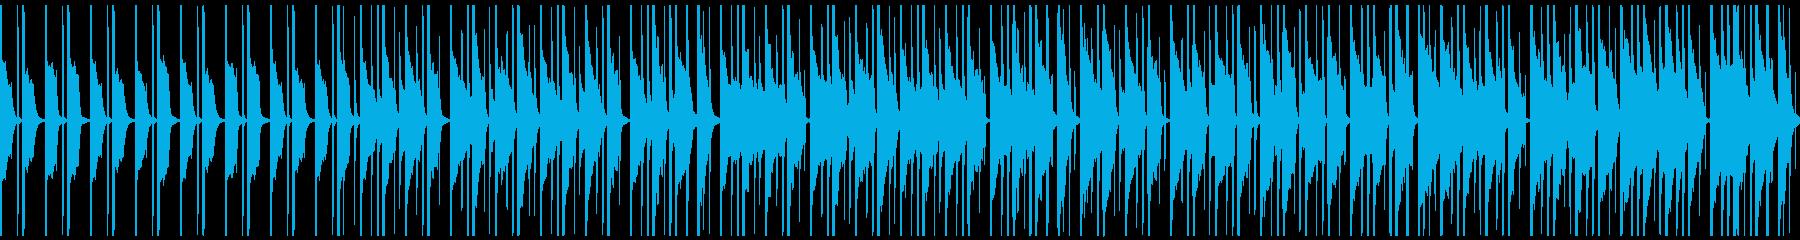 のんびり穏やかな可愛らしい日常系BGMの再生済みの波形